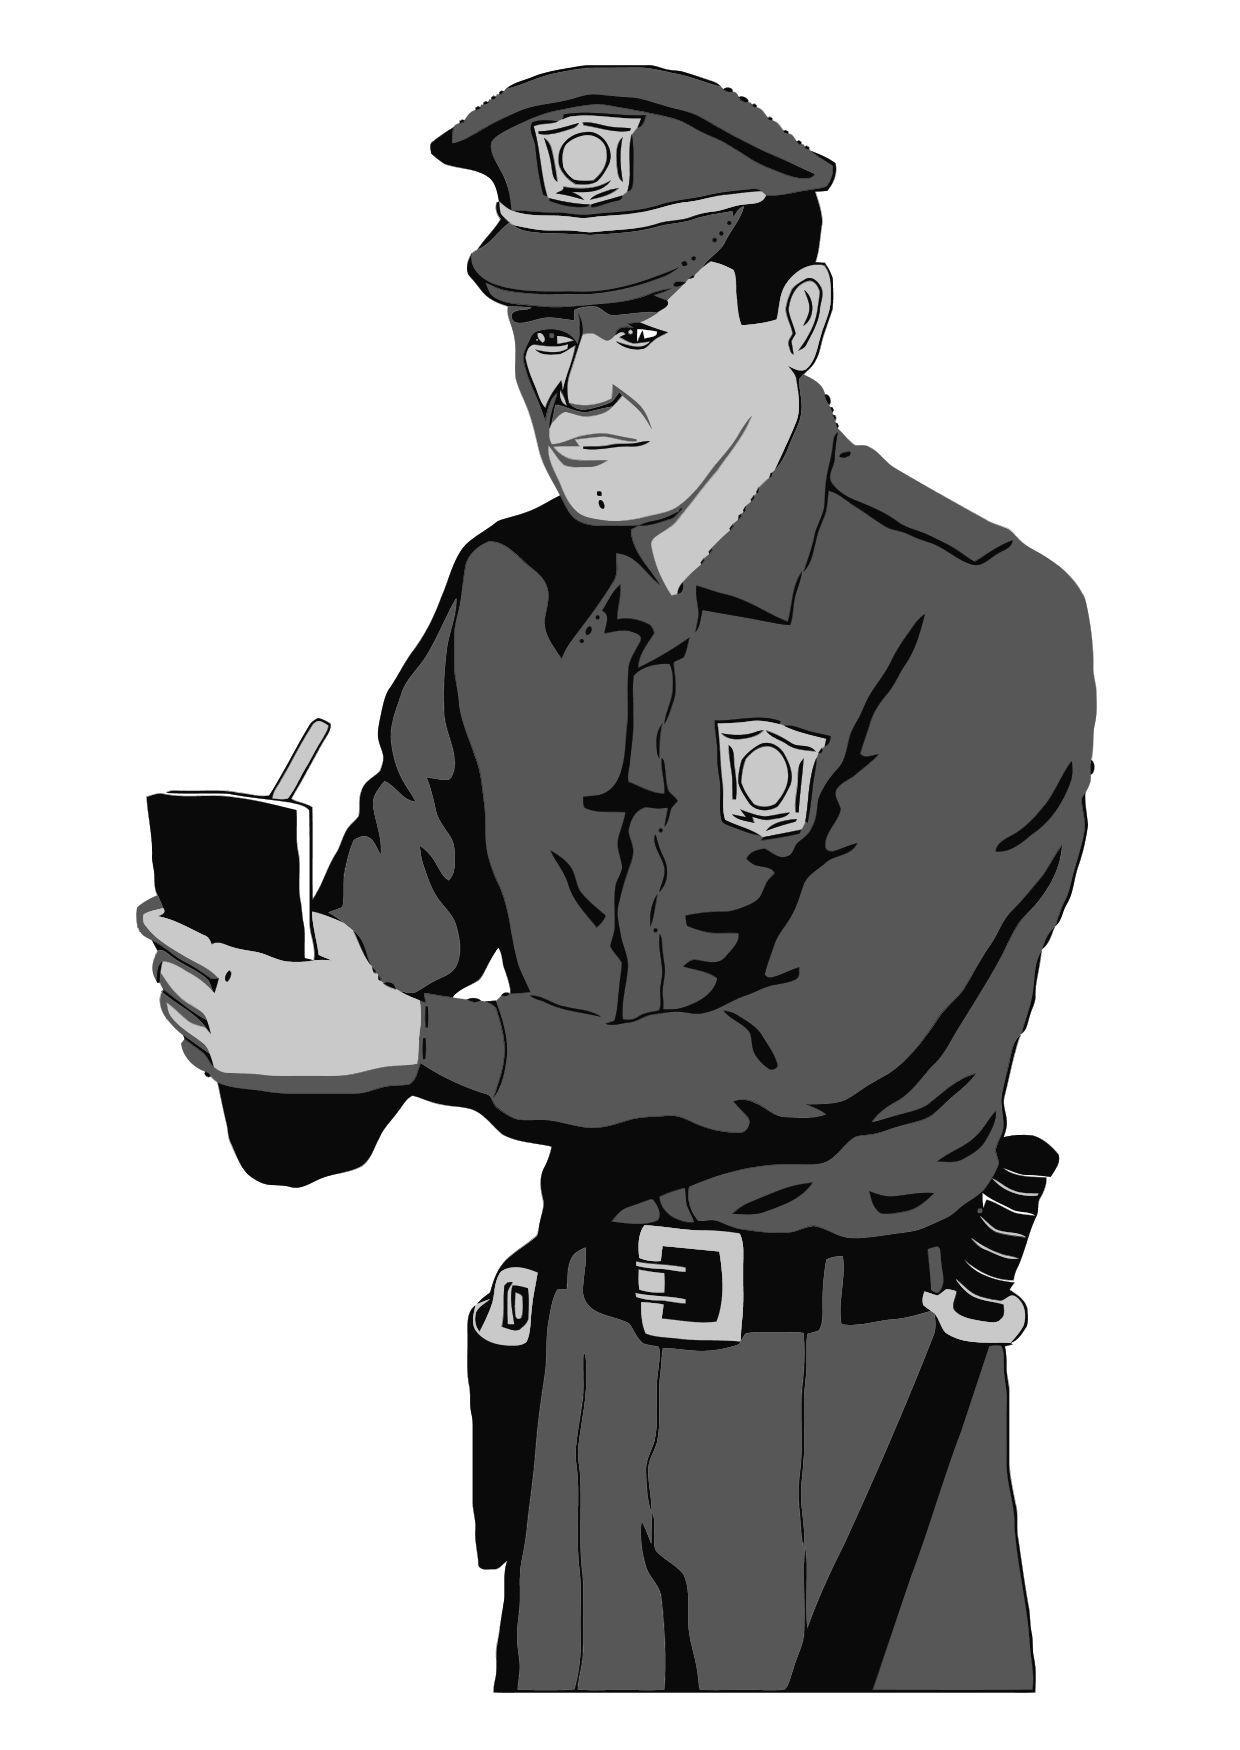 Malvorlage Polizei | Ausmalbild 11884.